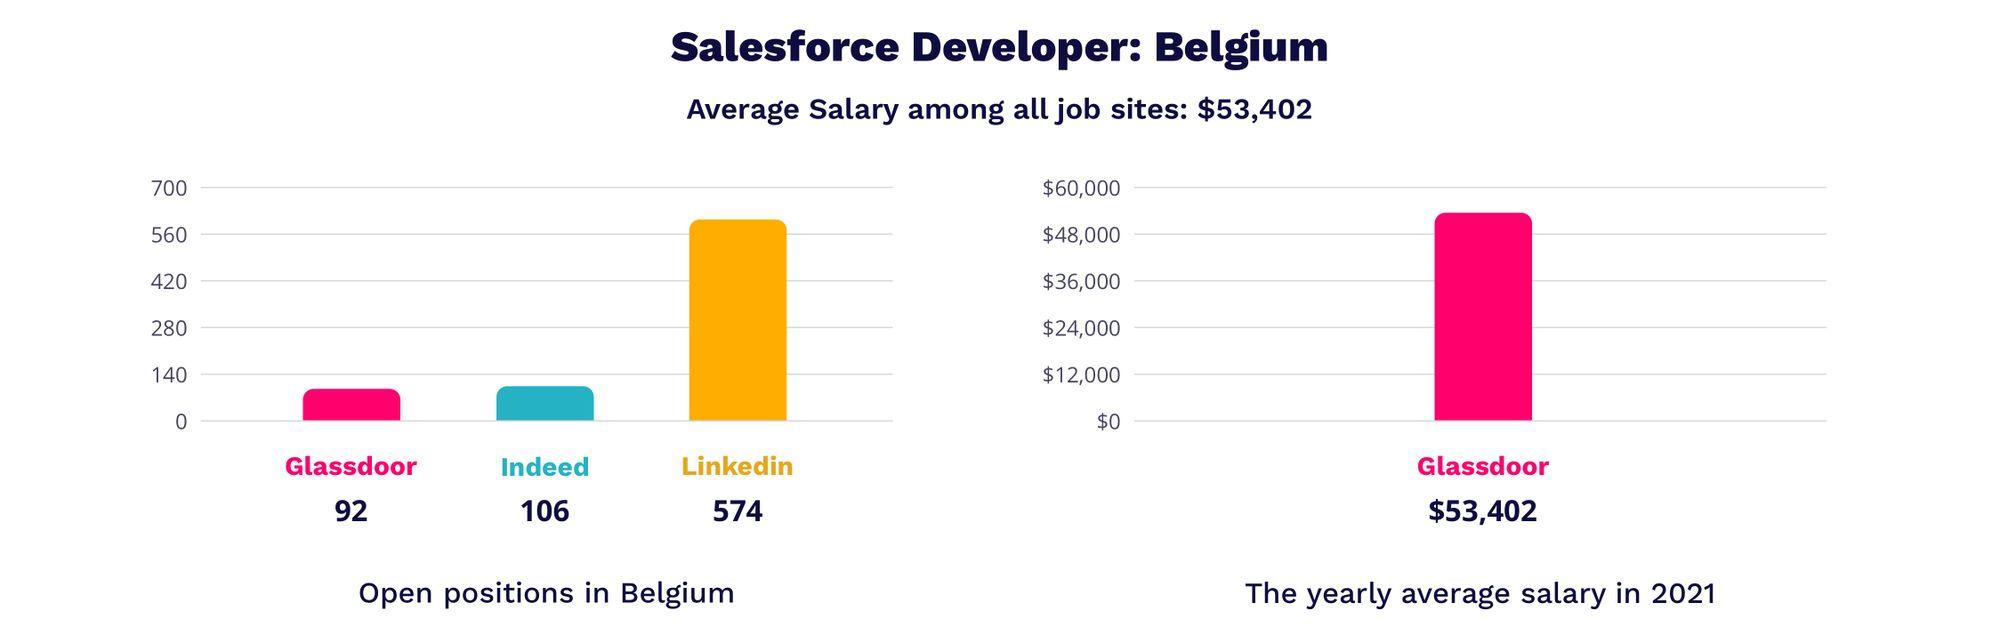 salesforce developer salary in Belgium